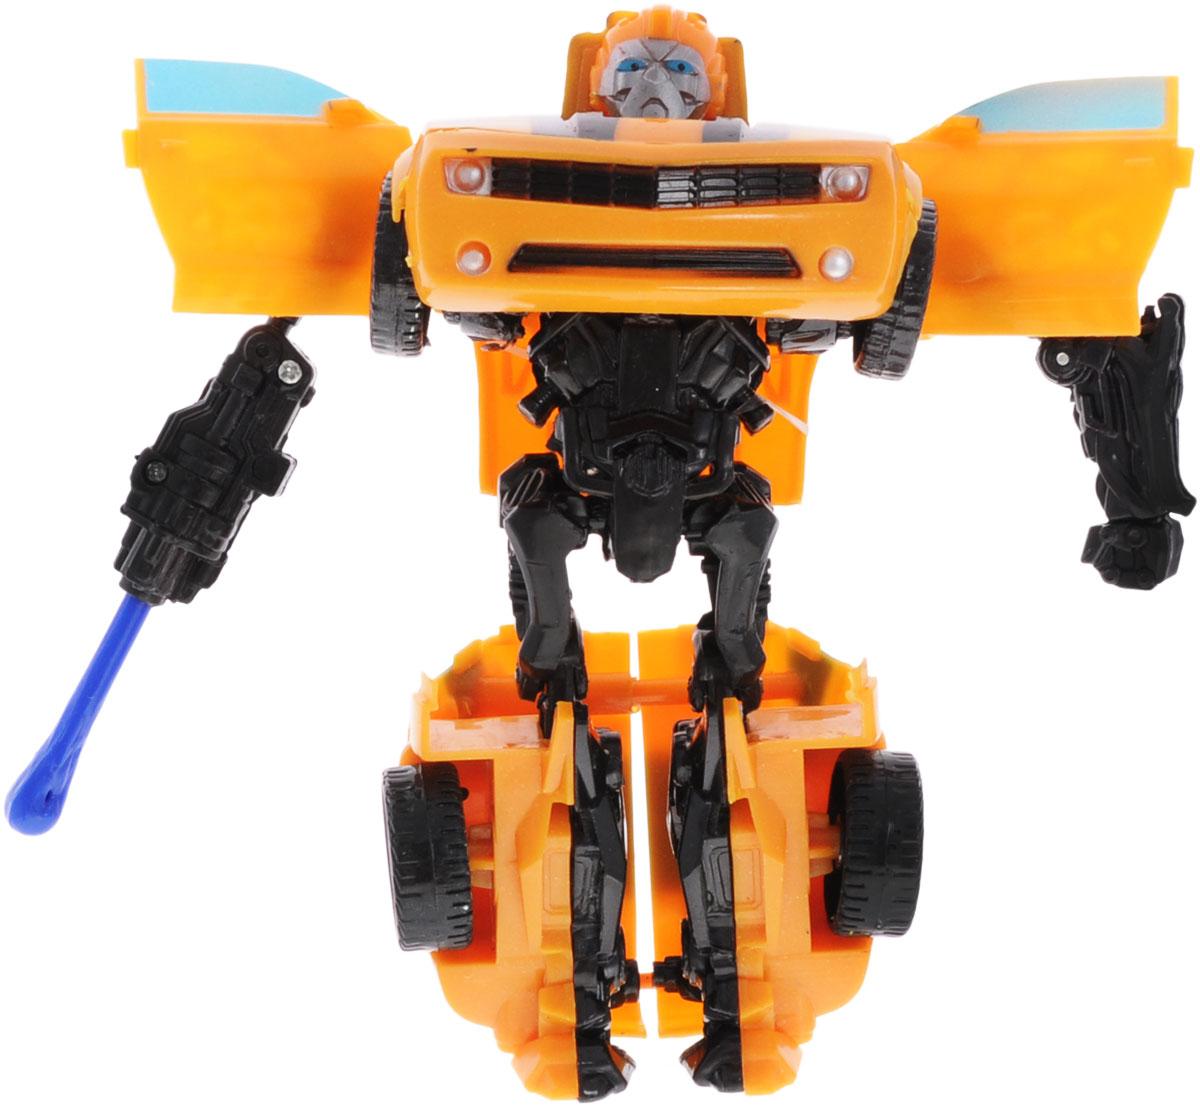 Тилибом Робот-трансформер цвет желтый черный yako робот трансформер цвет желтый зеленый